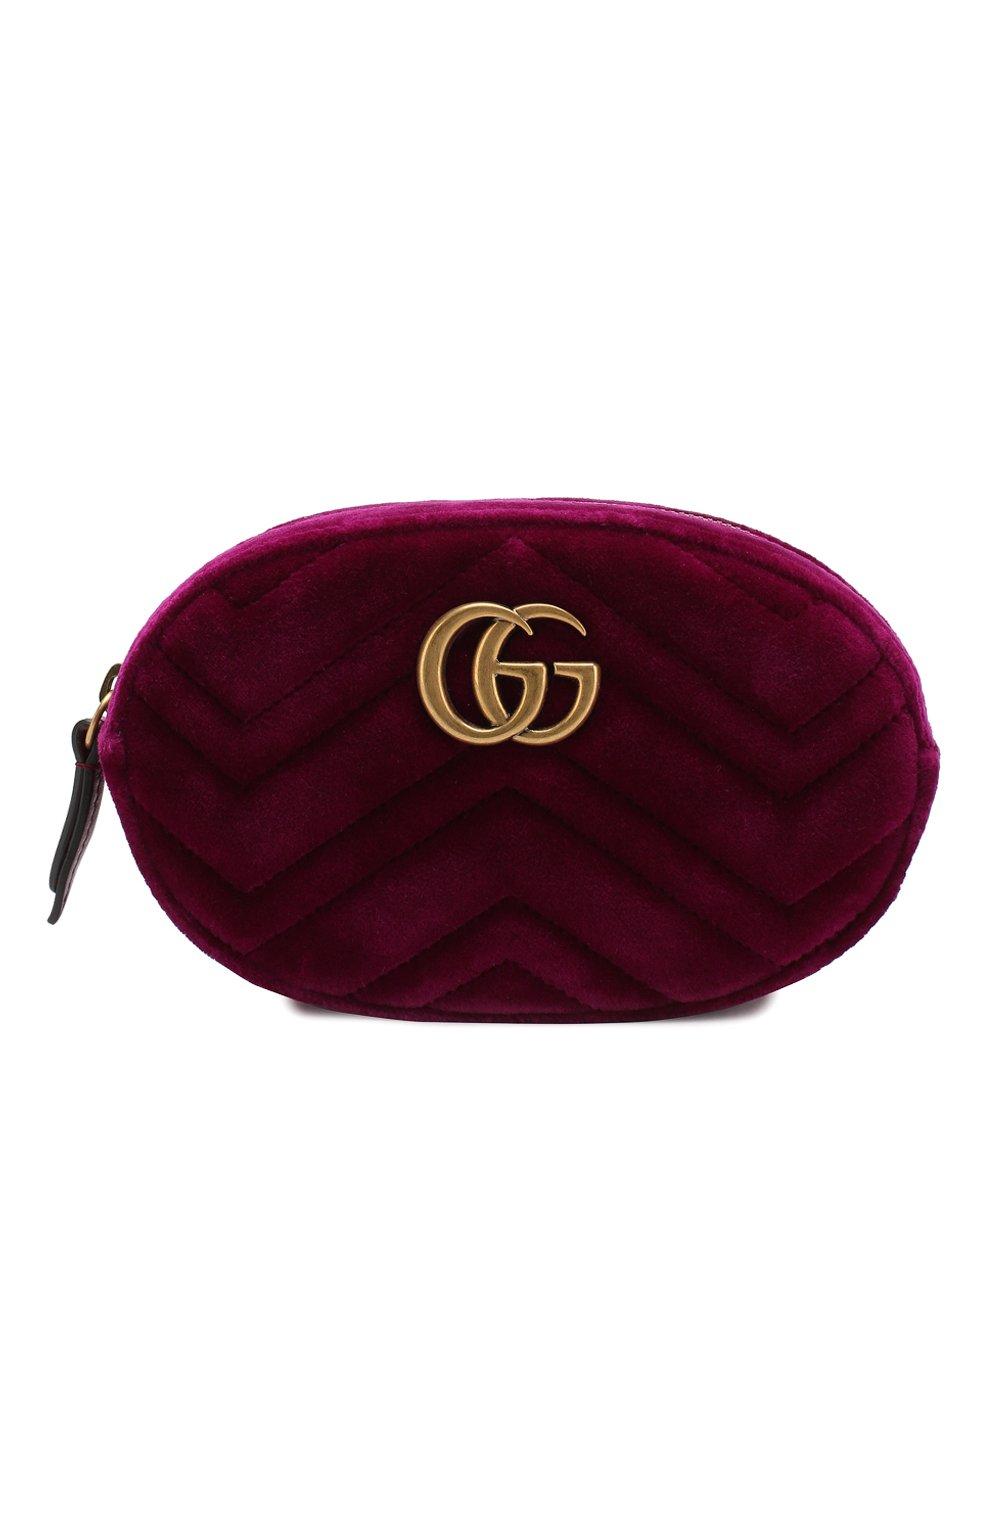 Фото Женская фуксия поясная сумка gg marmont из бархата GUCCI Италия  5198793 476434 9FRDT 9308b18c041